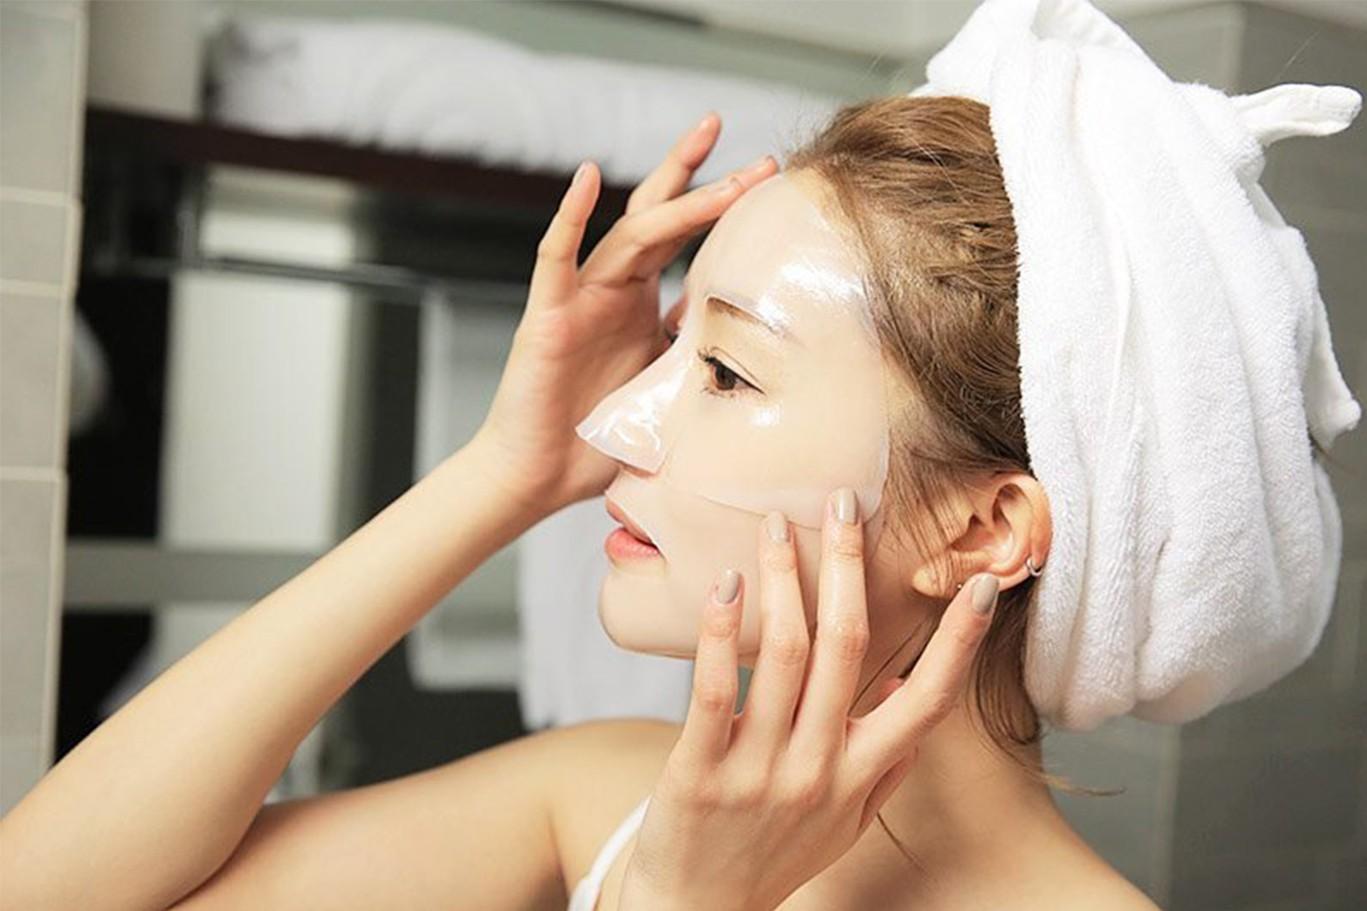 Áp dụng tuyệt chiêu #EveryDayMasking của phụ nữ Nhật, da không dừng ở ngưỡng đủ ẩm mà còn căng mướt tươi sáng - Ảnh 2.